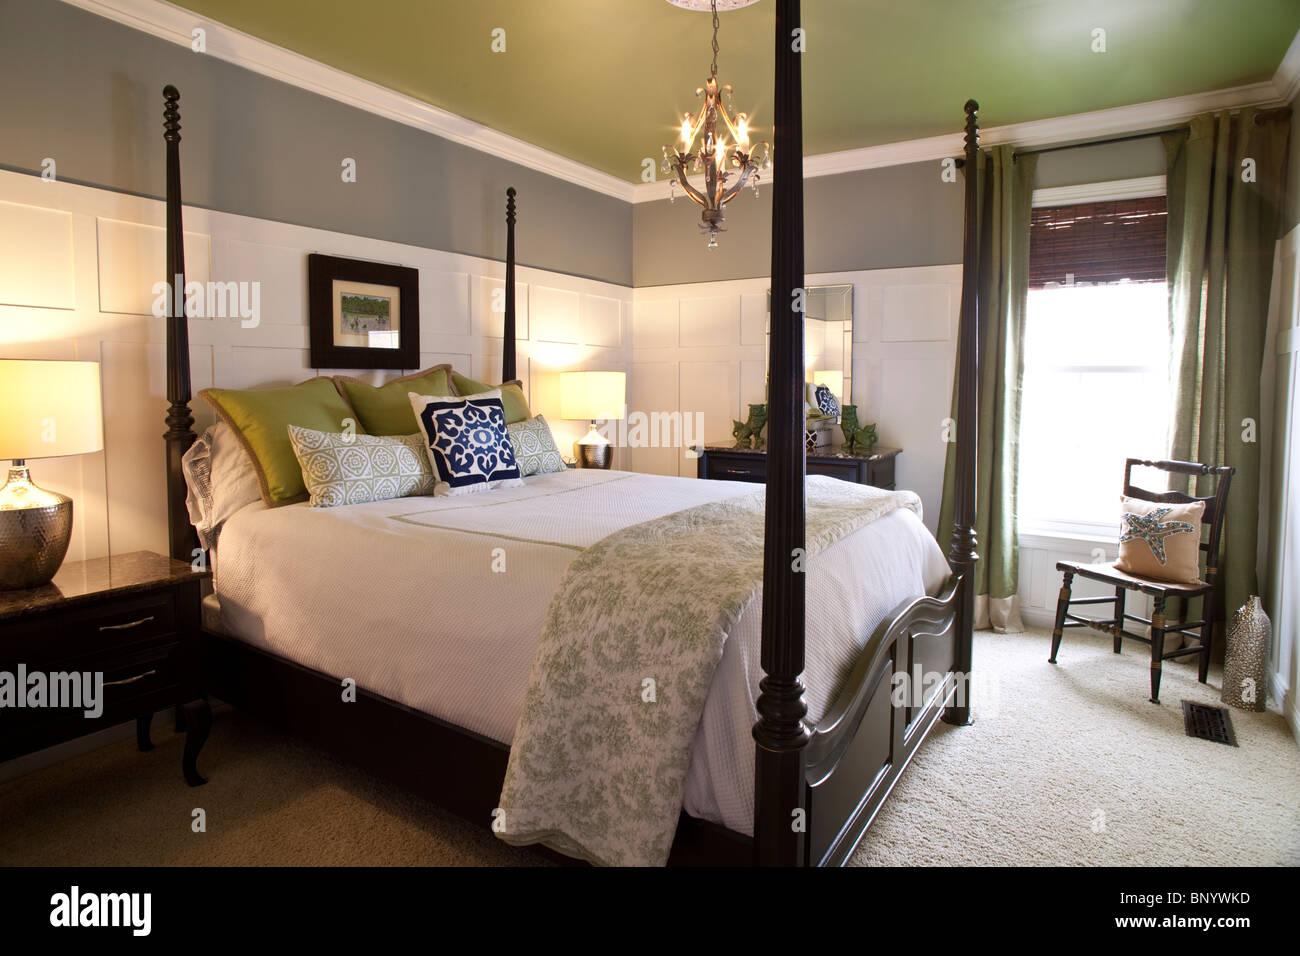 Chambre à coucher contemporaine avec baldaquin double. Style